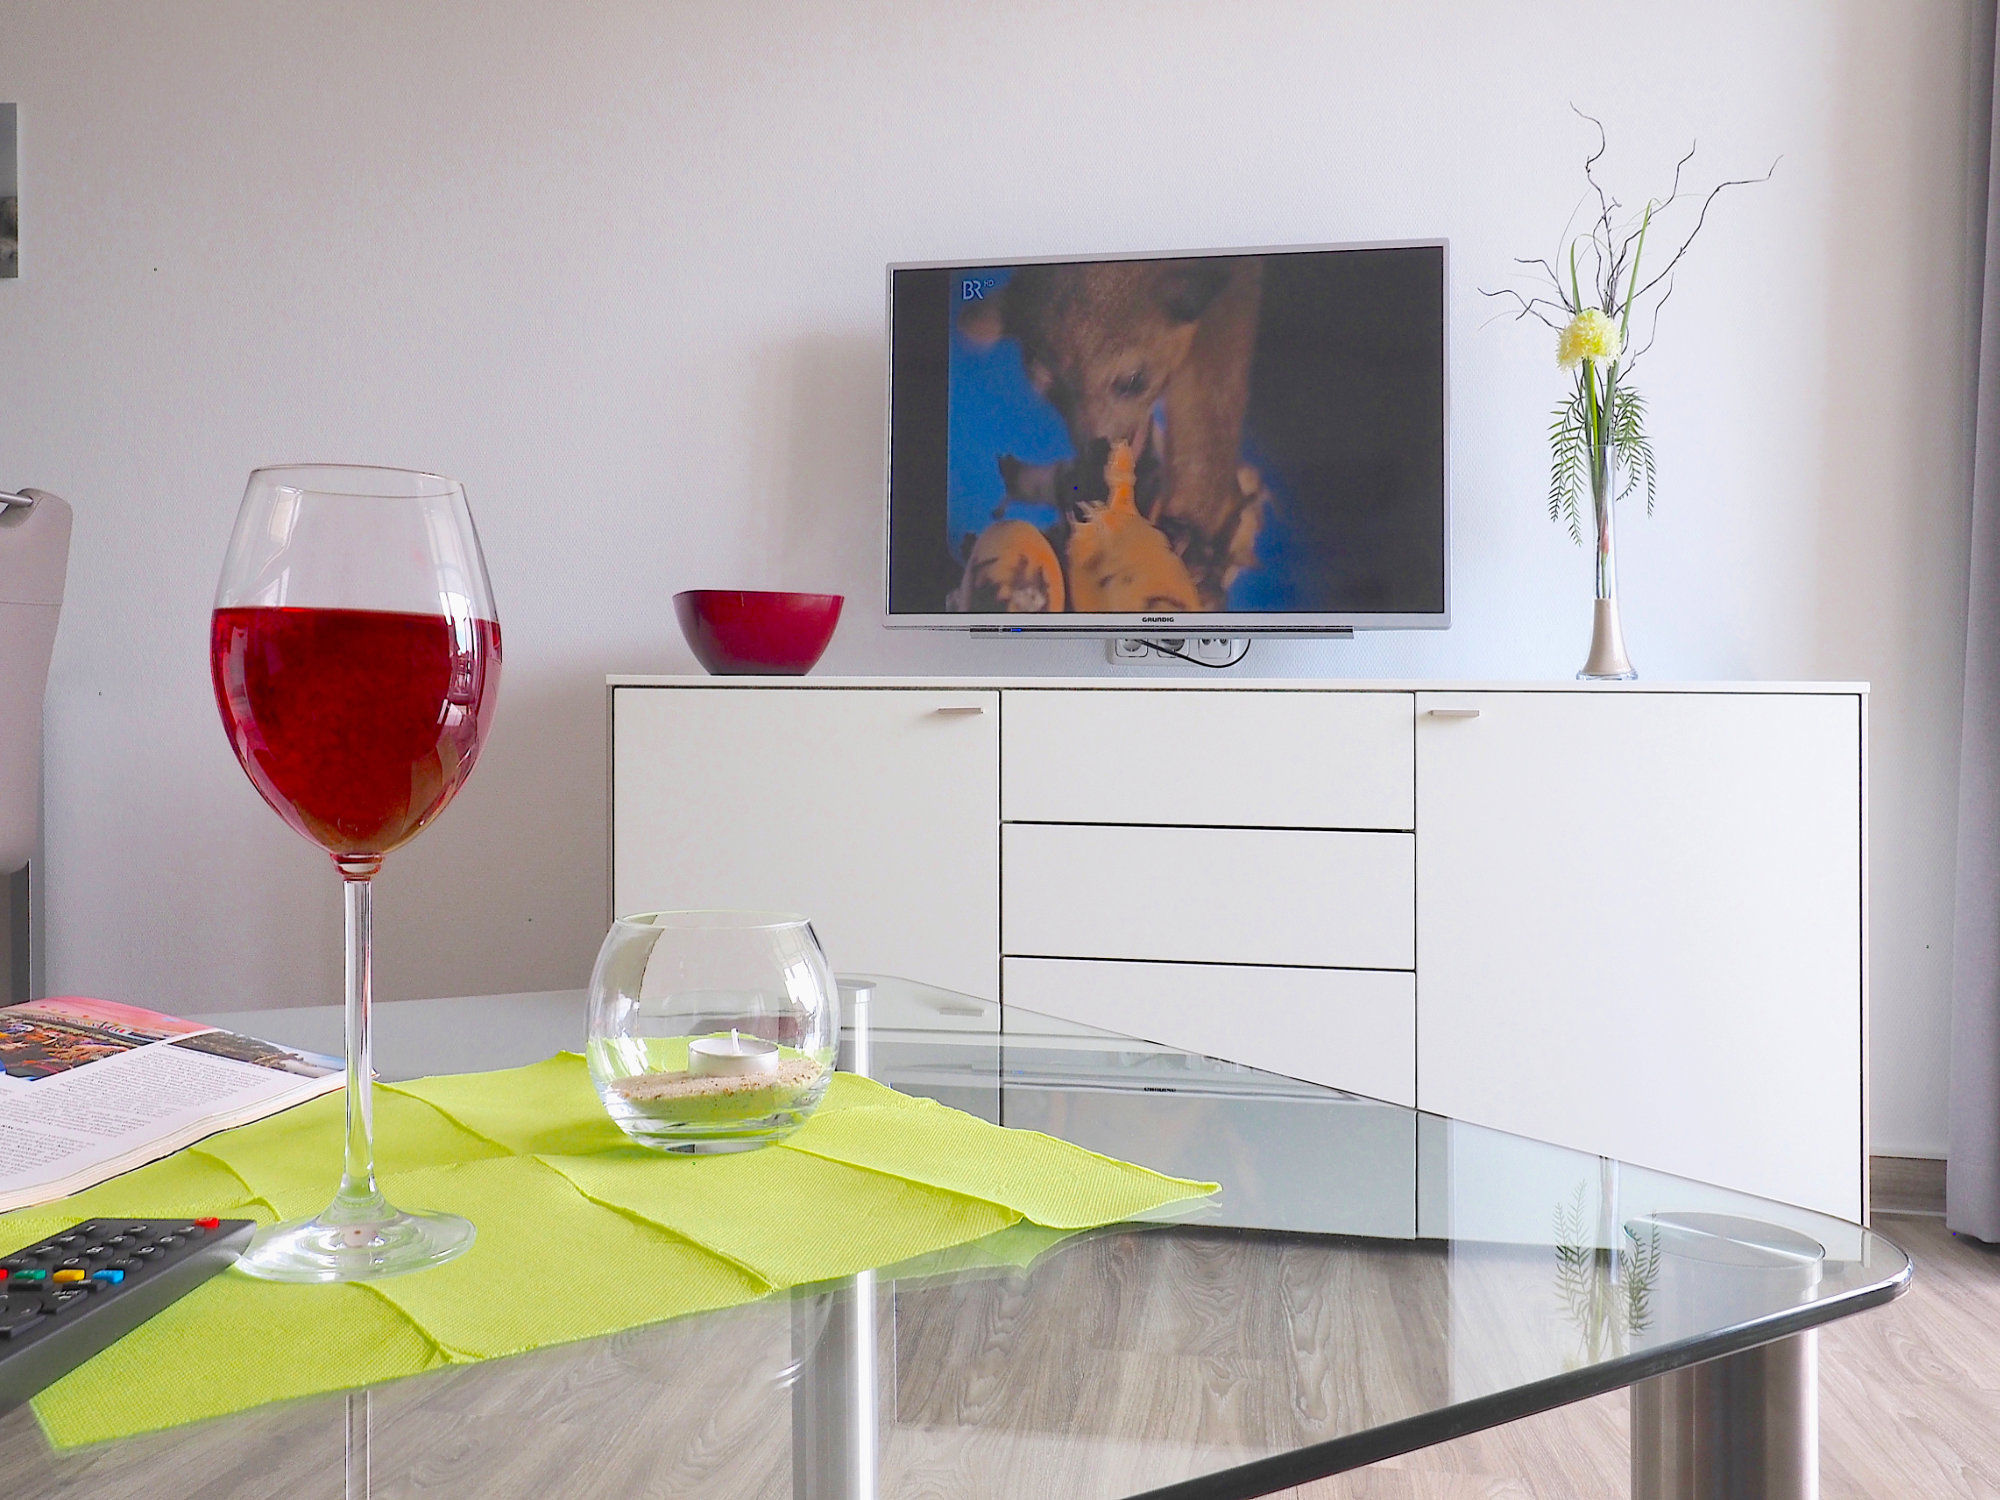 Wohnzimmer Sideboard mit Flatscreen-TV